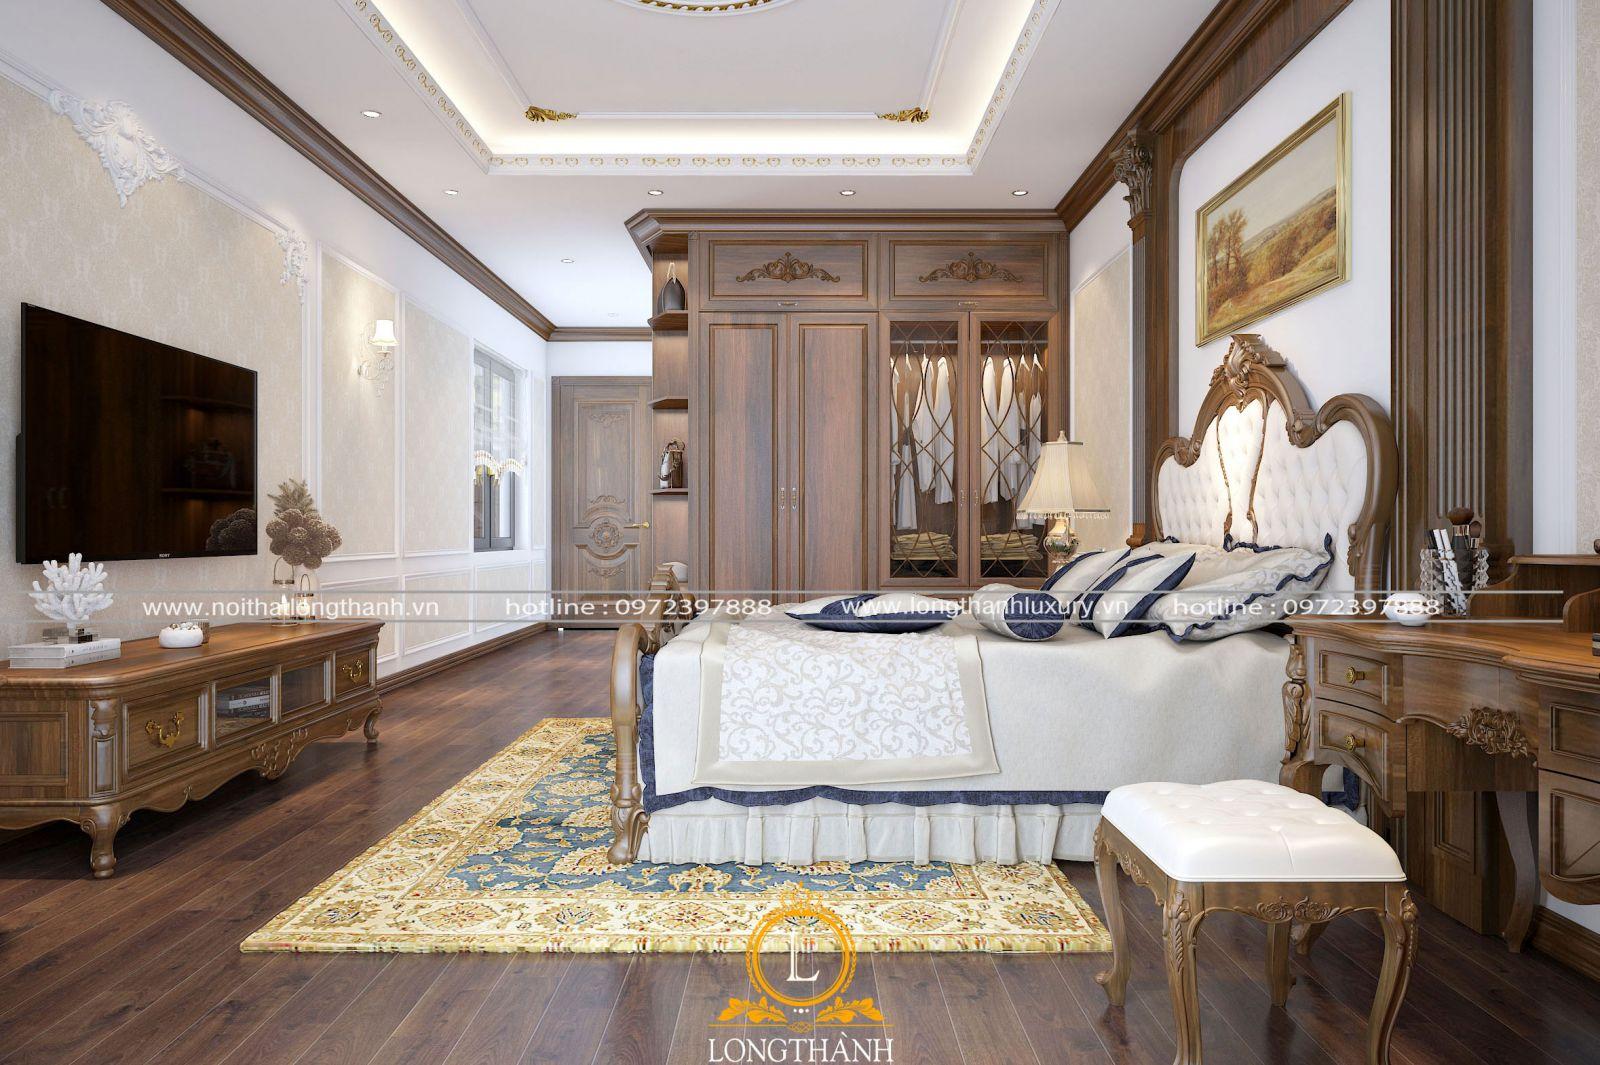 Phòng ngủ sang trọng và độc đáo